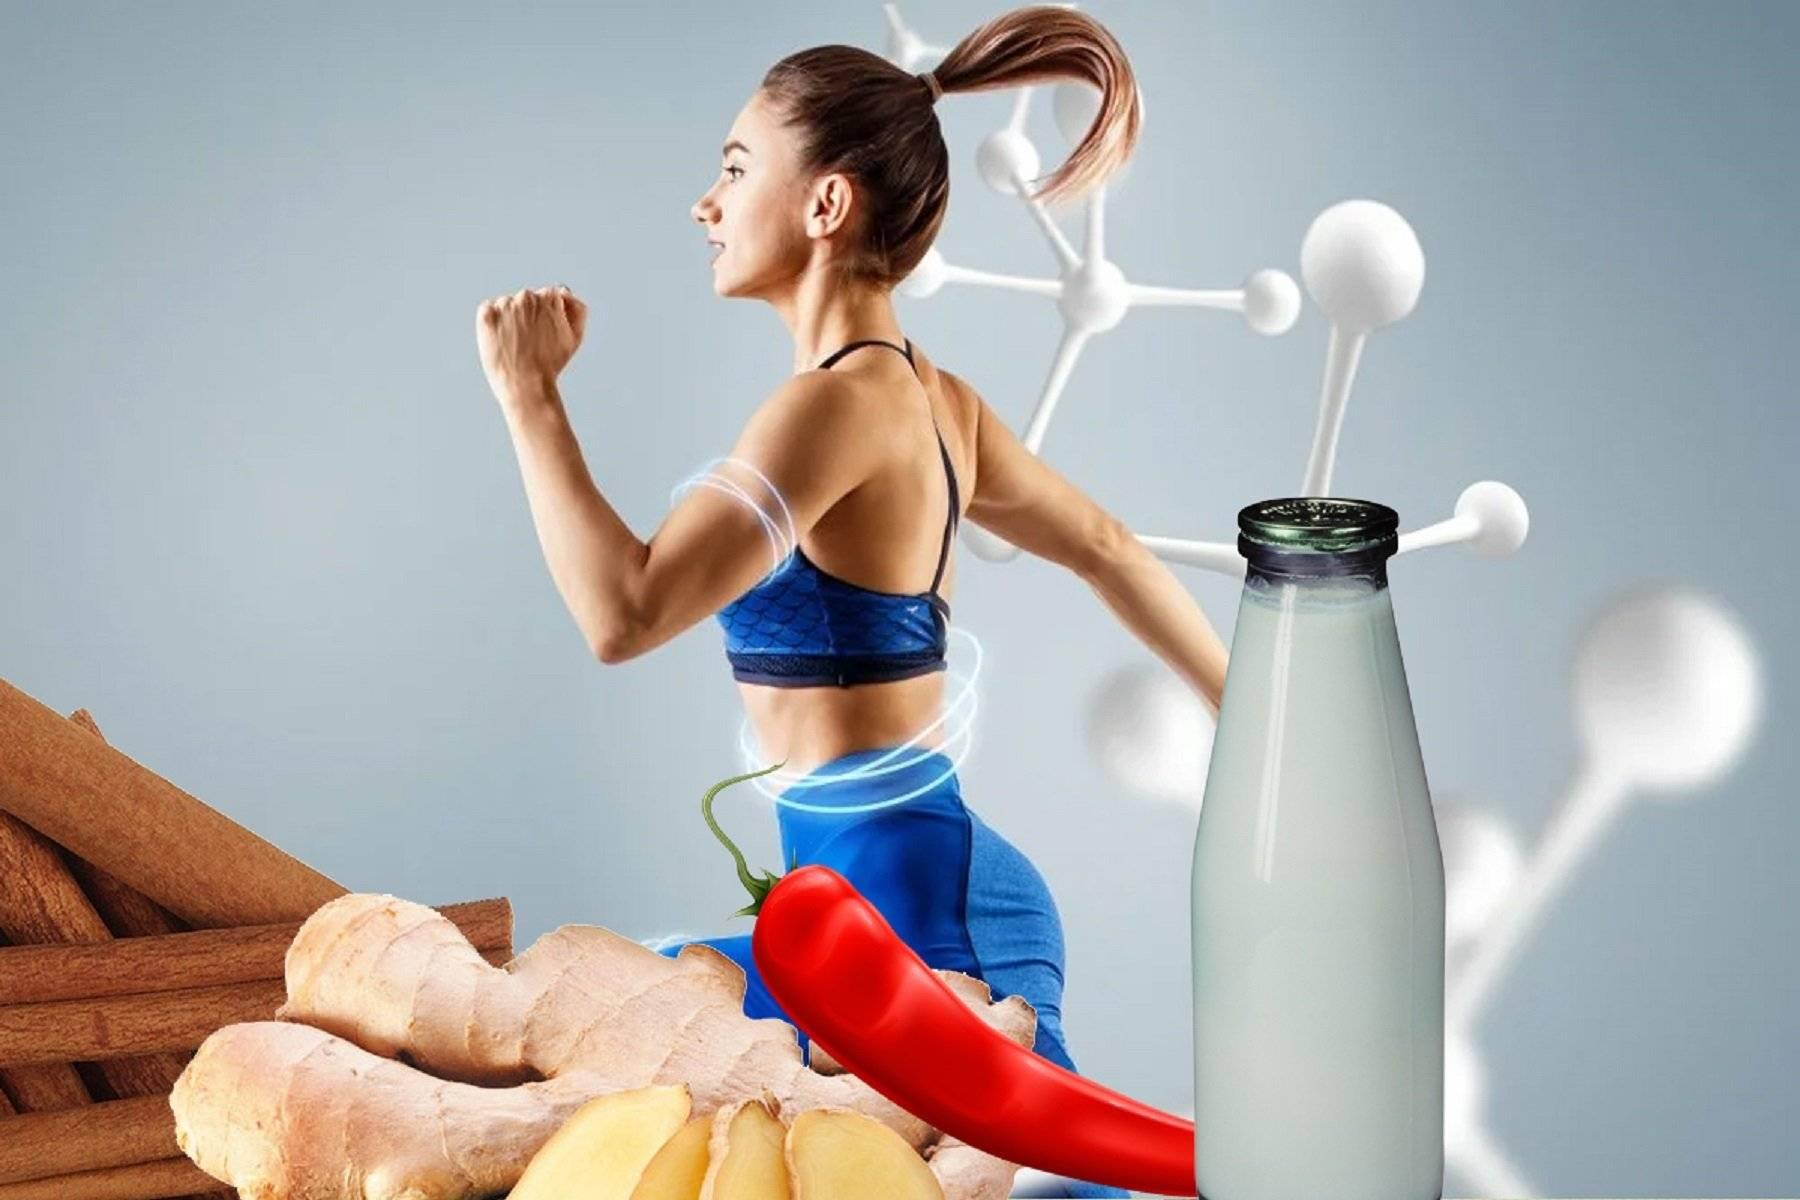 Как разогнать метаболизм для похудения после 40 лет: ускорить обмен веществ в организме в домашних условиях, действенные методы, советы диетологов